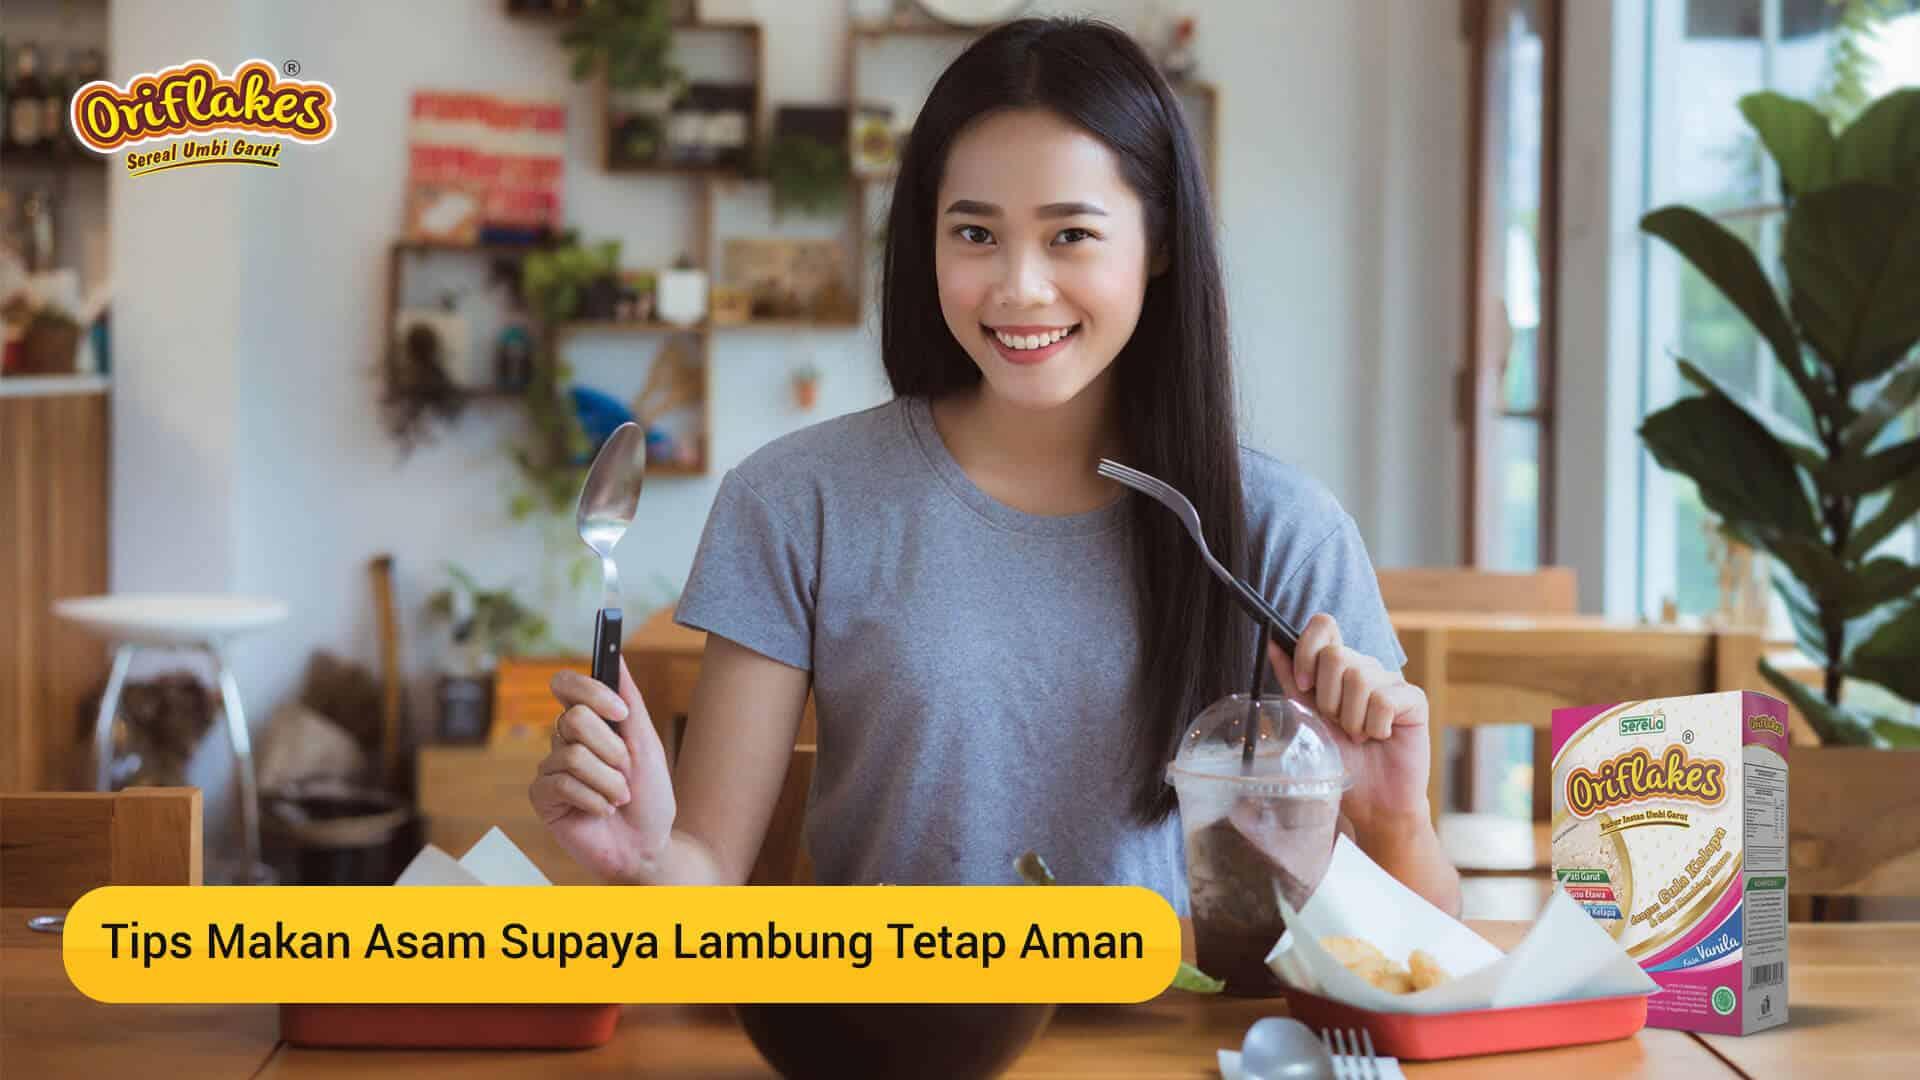 Tips Makan Asam, asam lambung tetap aman